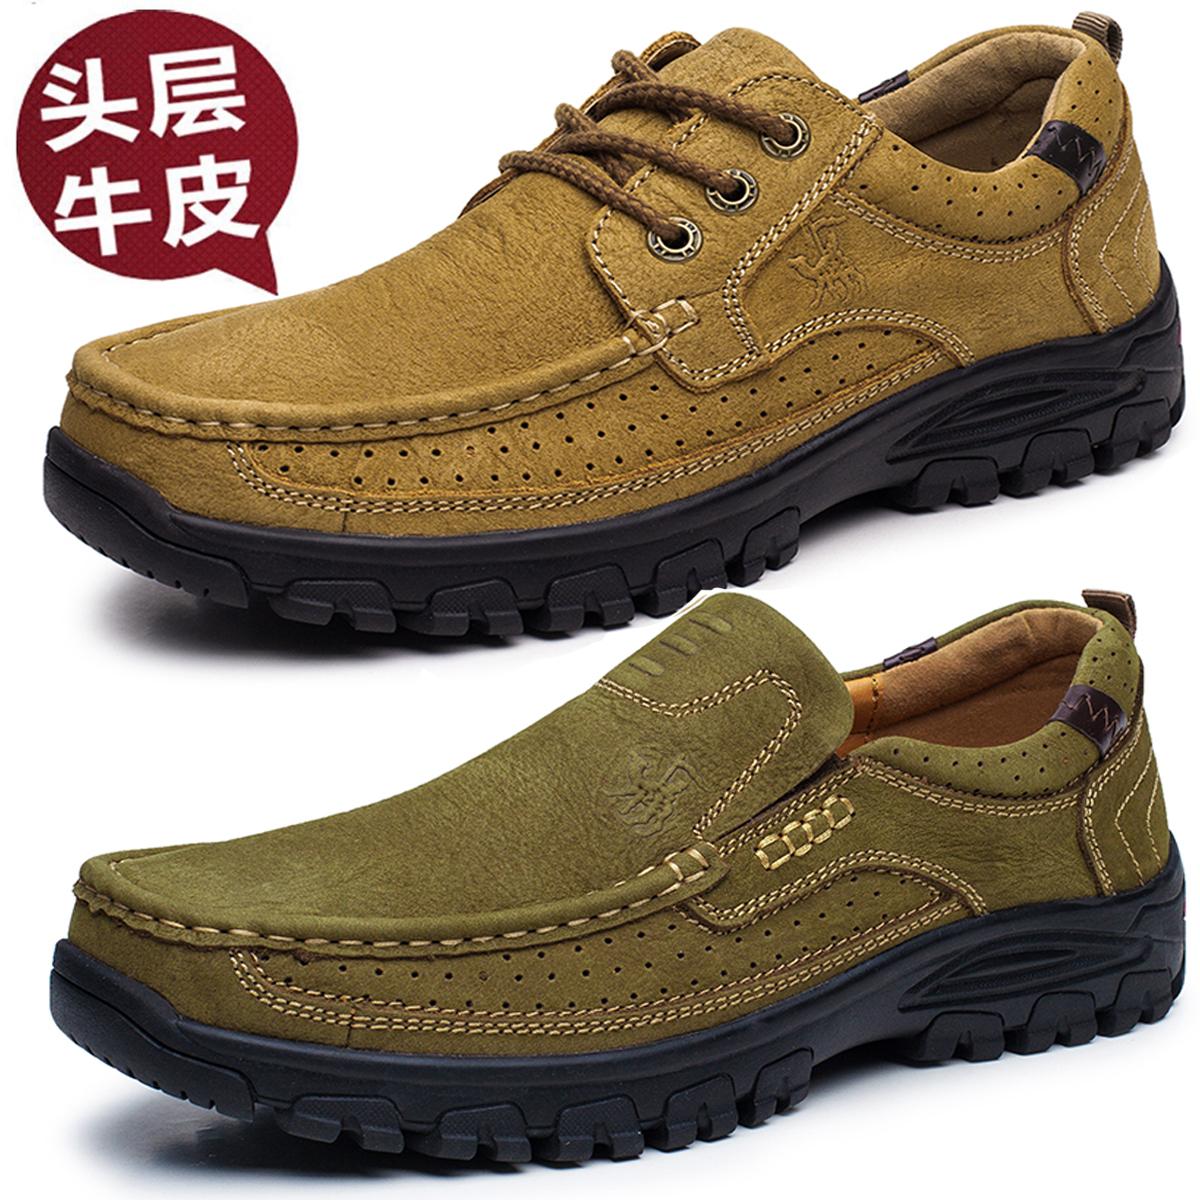 Спортивная обувь для детей Артикул 557229885705